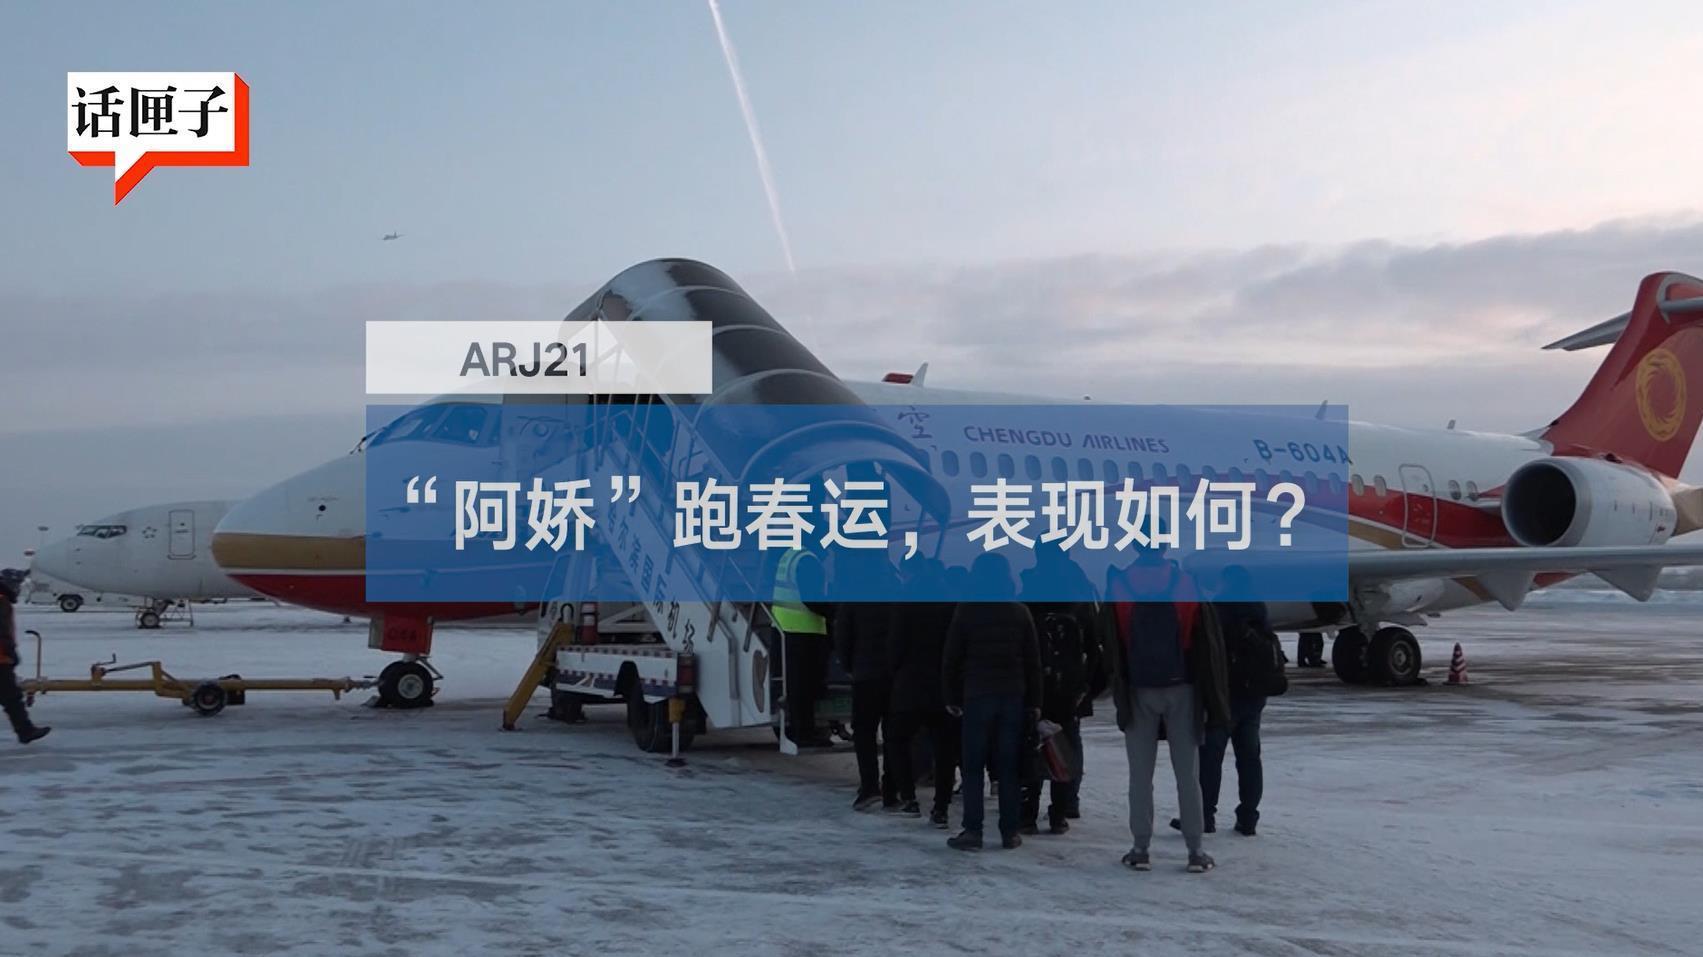 """坐""""阿娇"""",飞黑河!体验国产民机最北航线"""